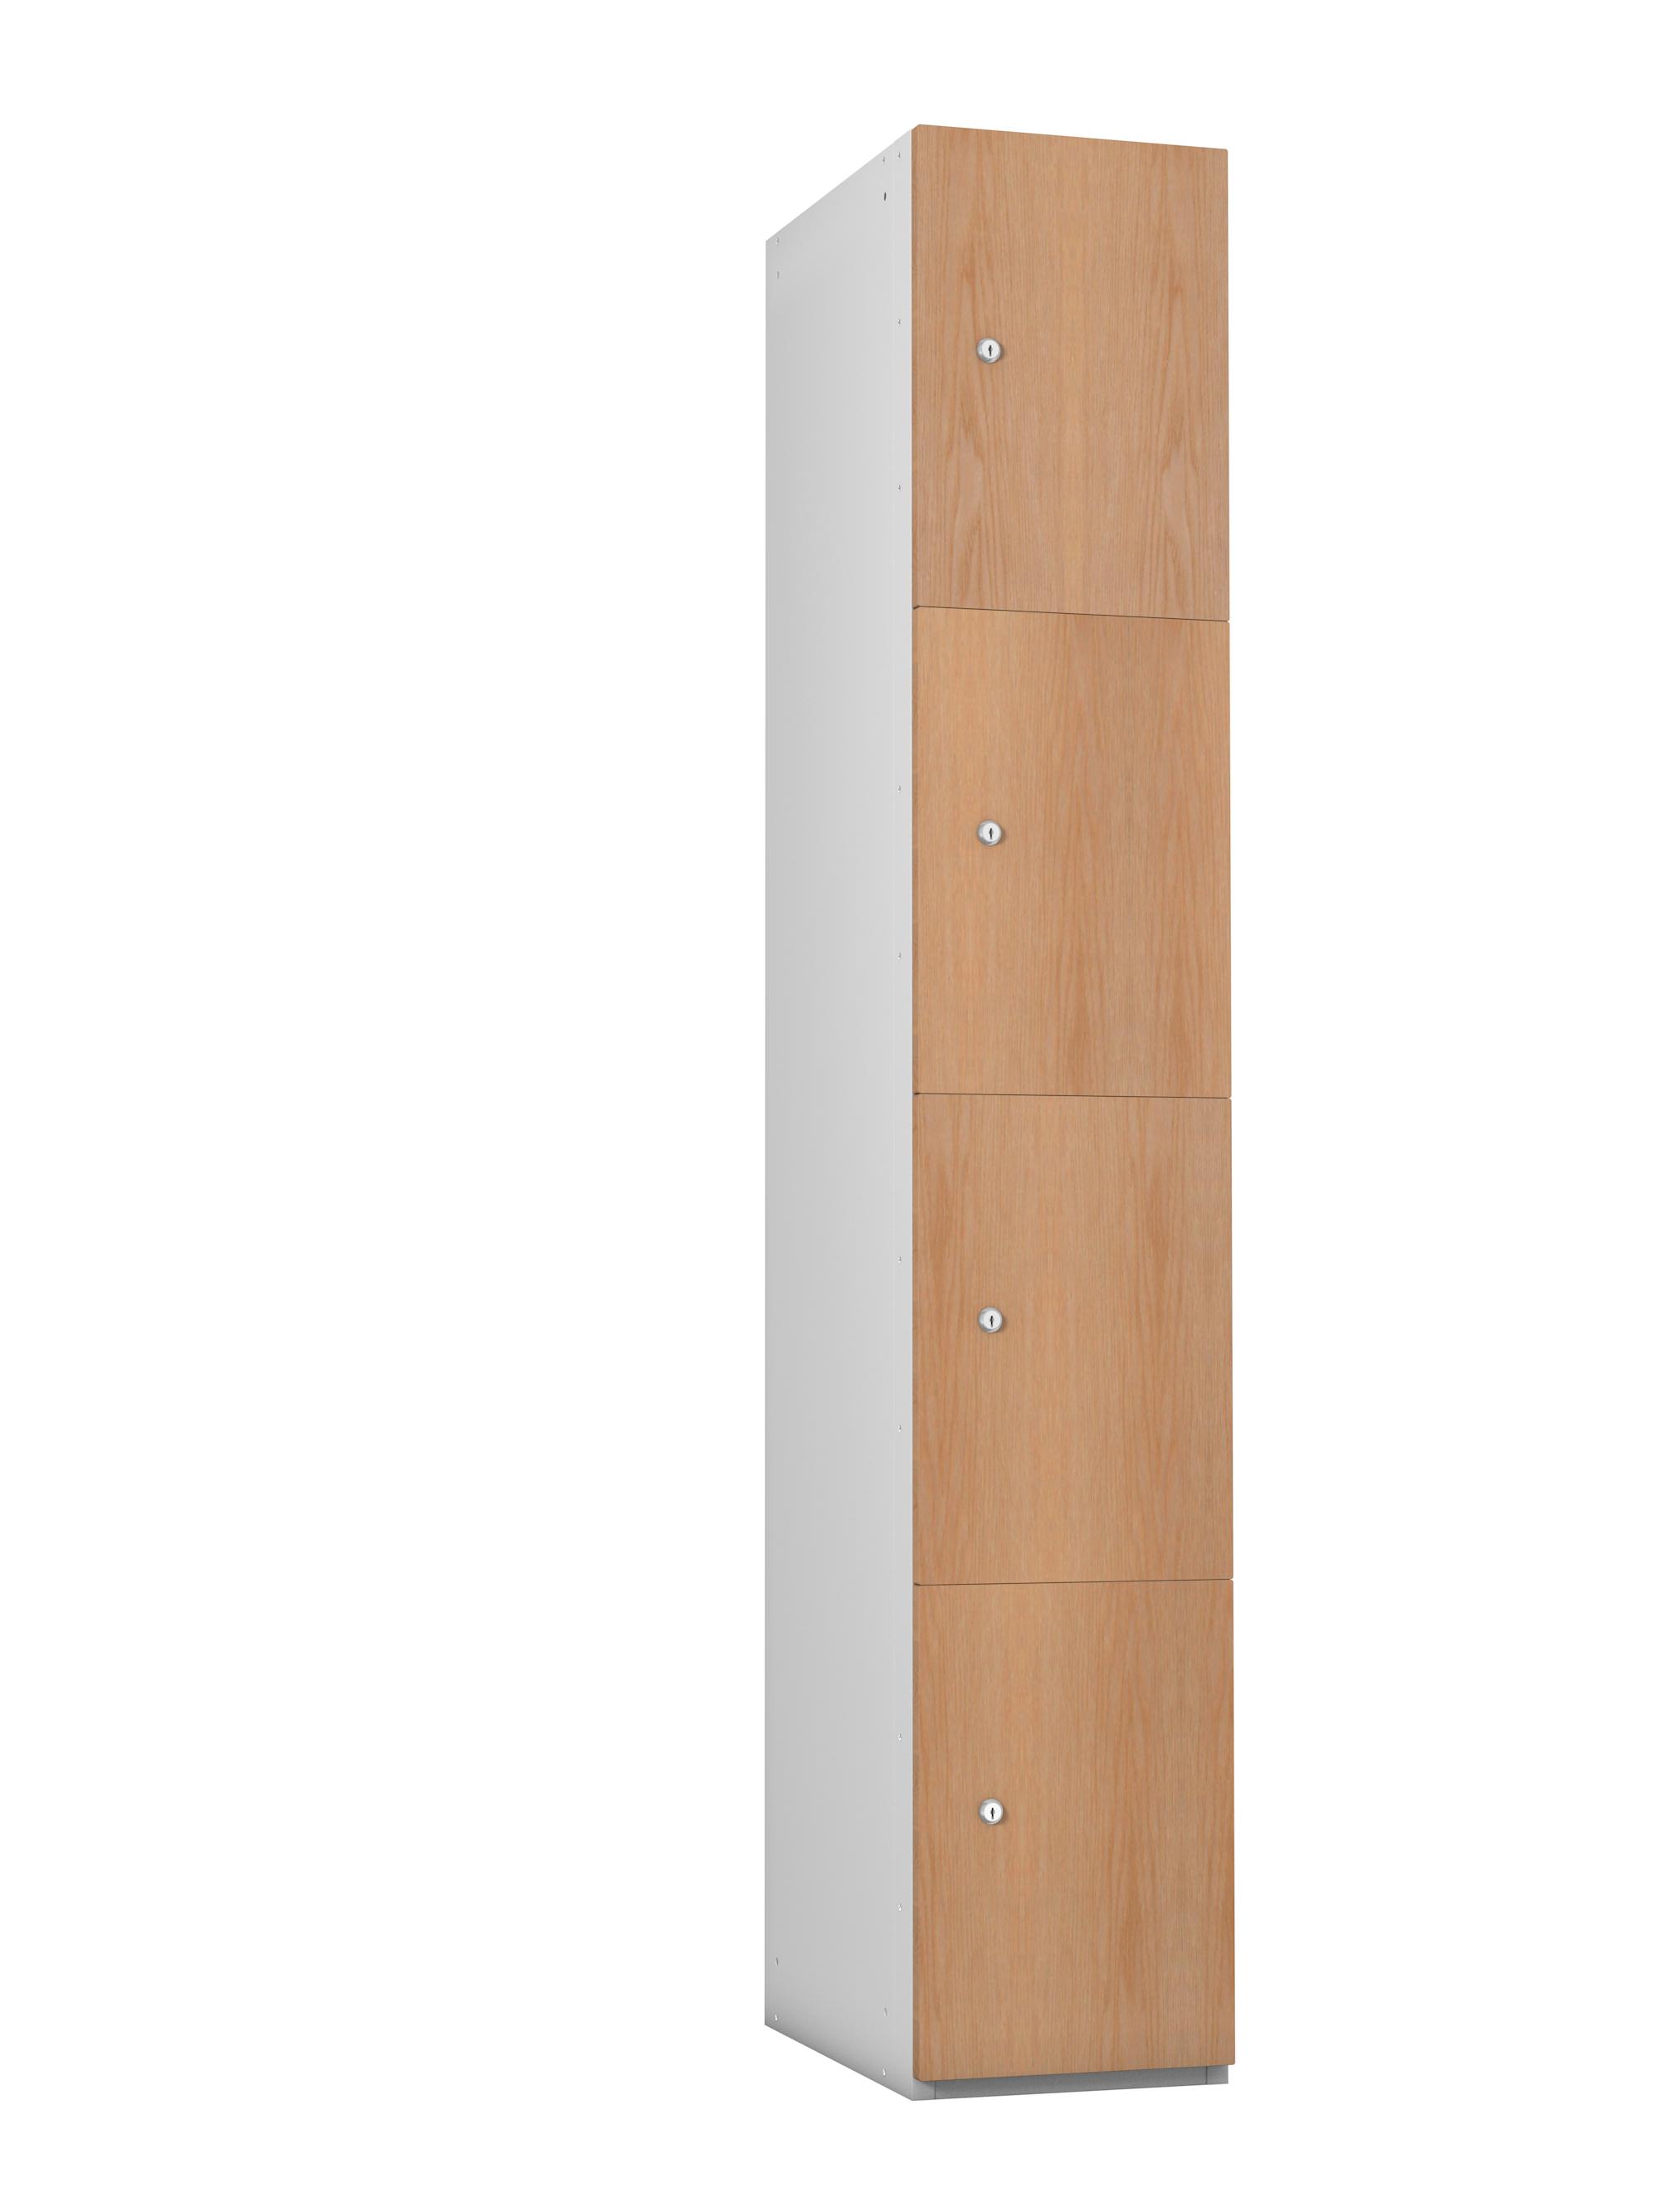 4 Compartment Timber Effect- MDF Door Locker